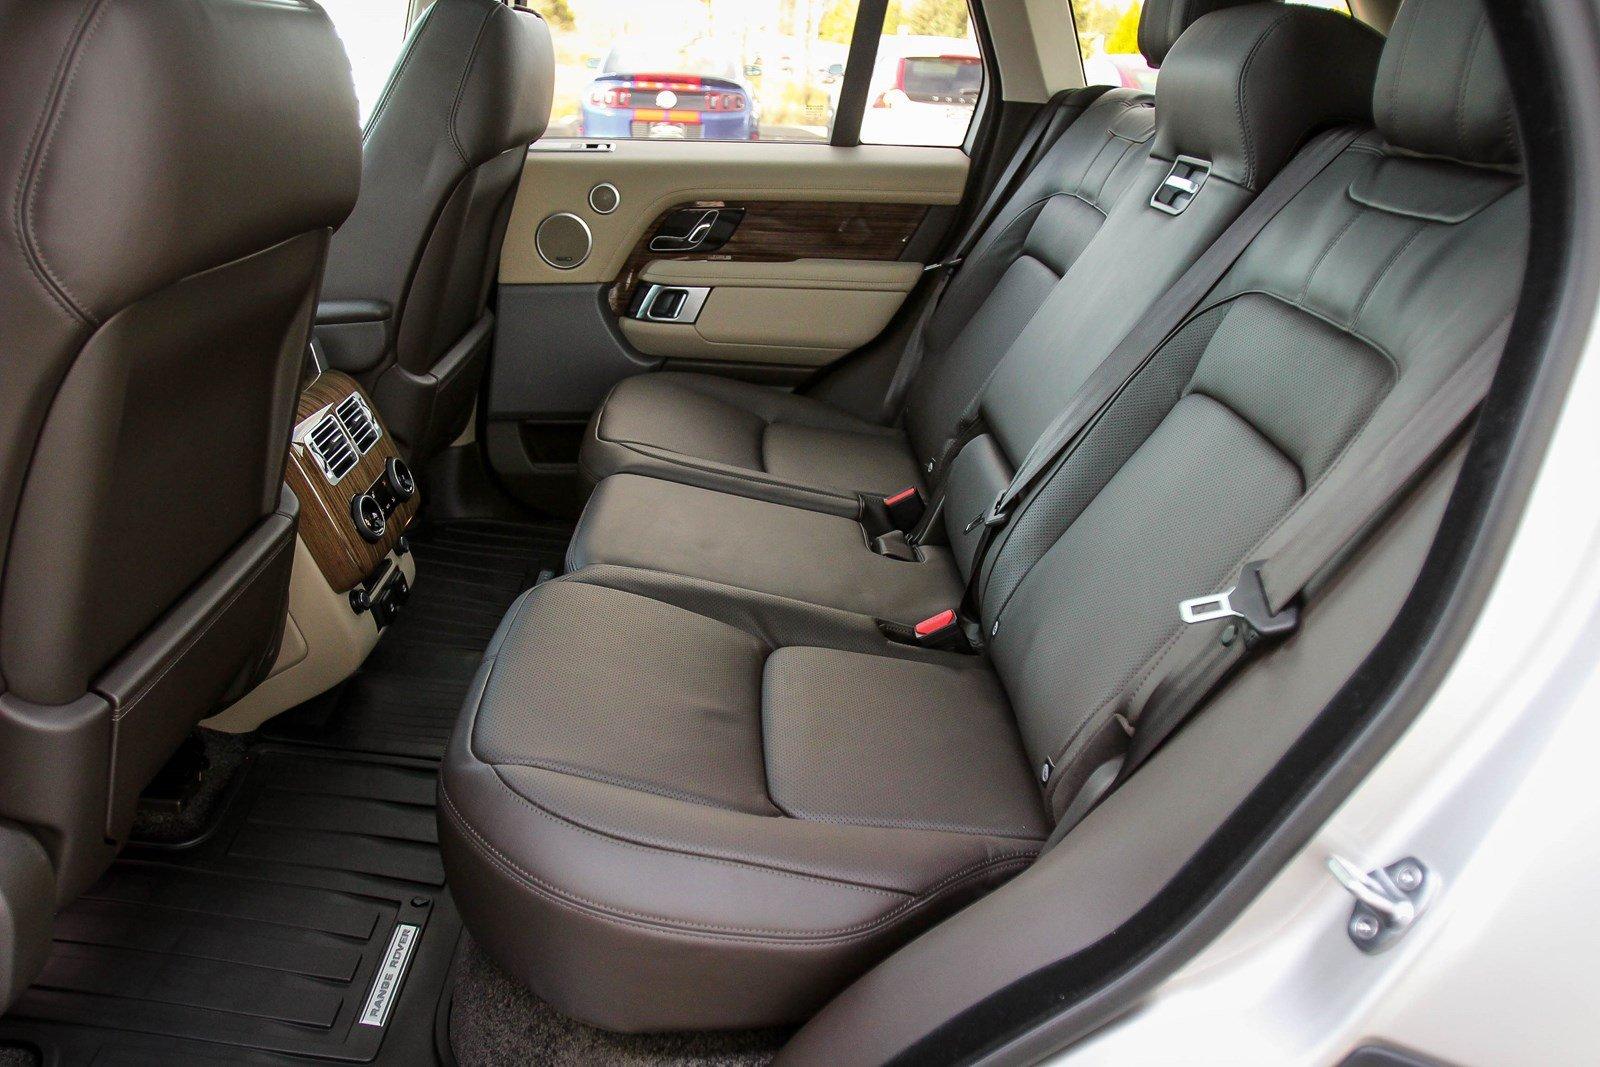 Xe Range Rover HSE Đời 2018 Và 2019 Khác Nhau Về Giá Và Option, Những điểm khác biệt giữa 2 model của mẫu xe Landrover